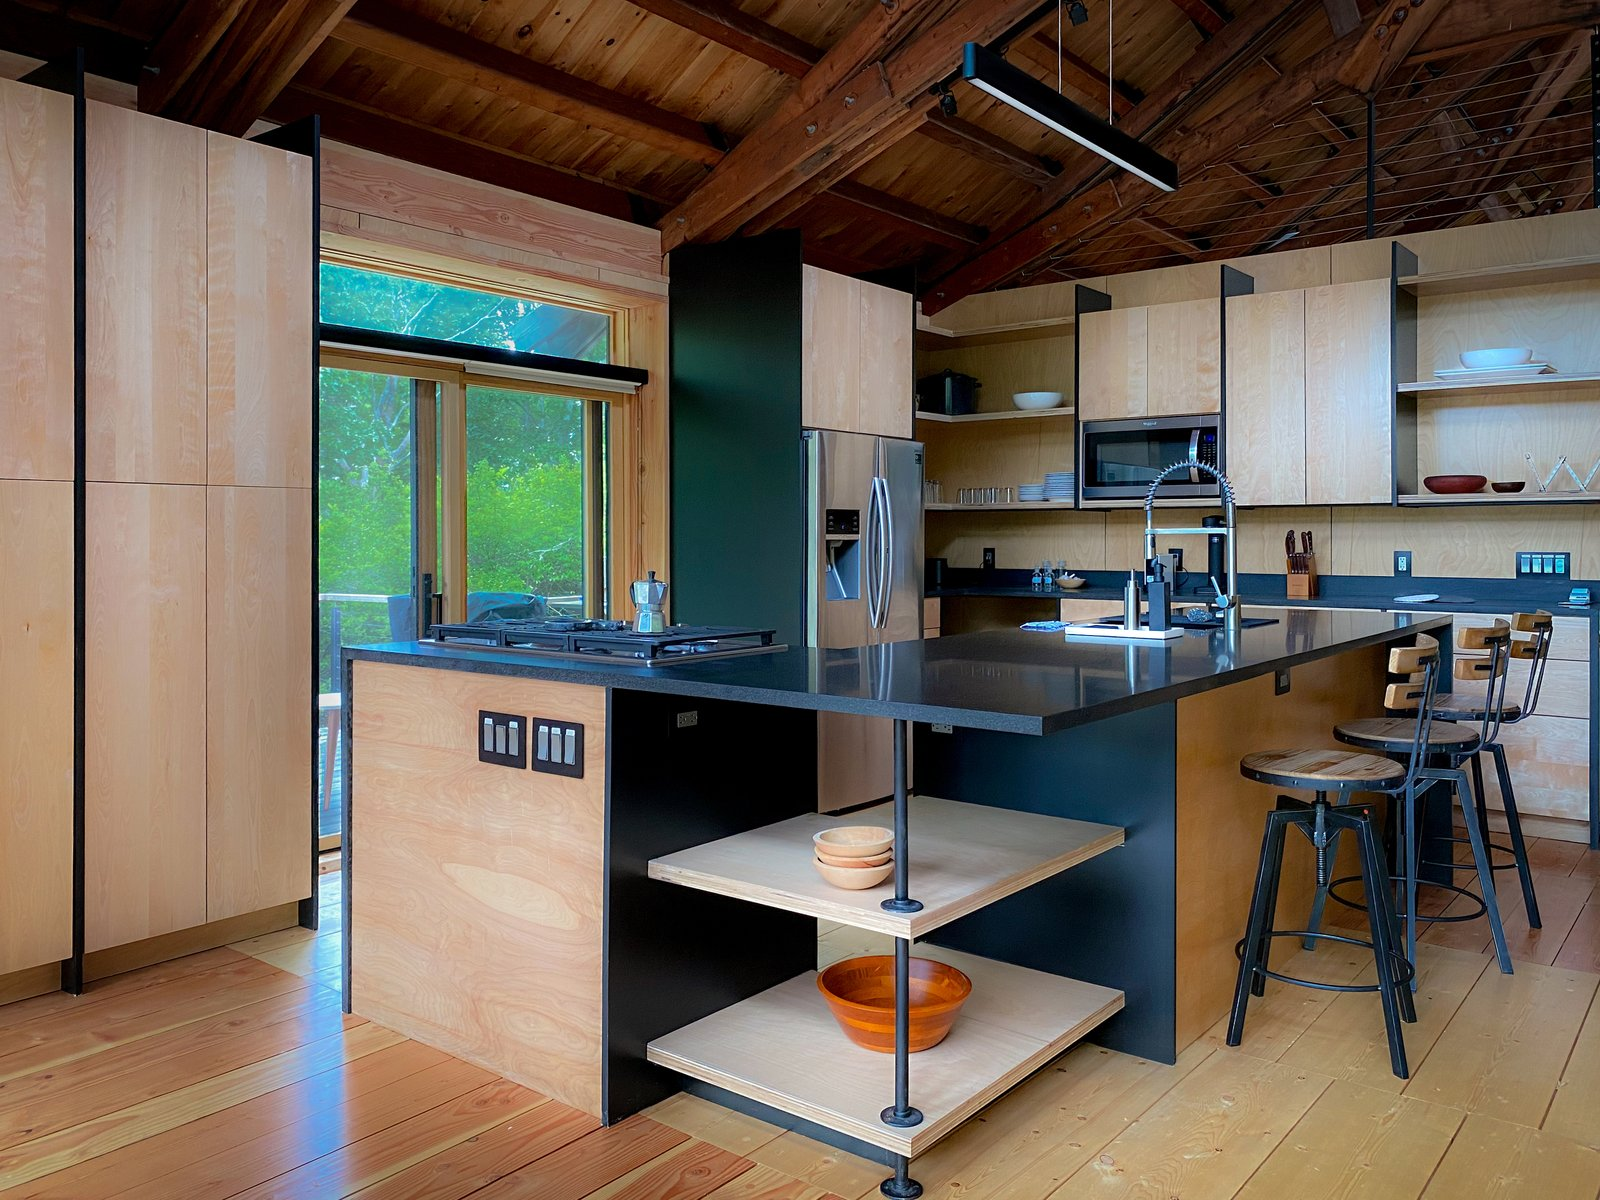 The Shop by Erin Pellegrino kitchen